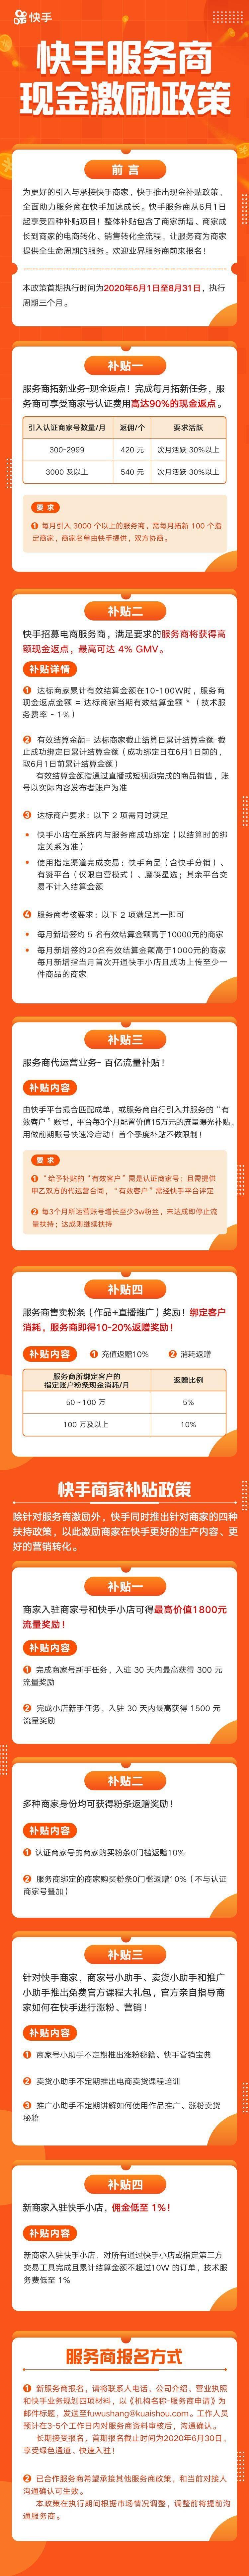 快手正式推出服务商现金激励政策!